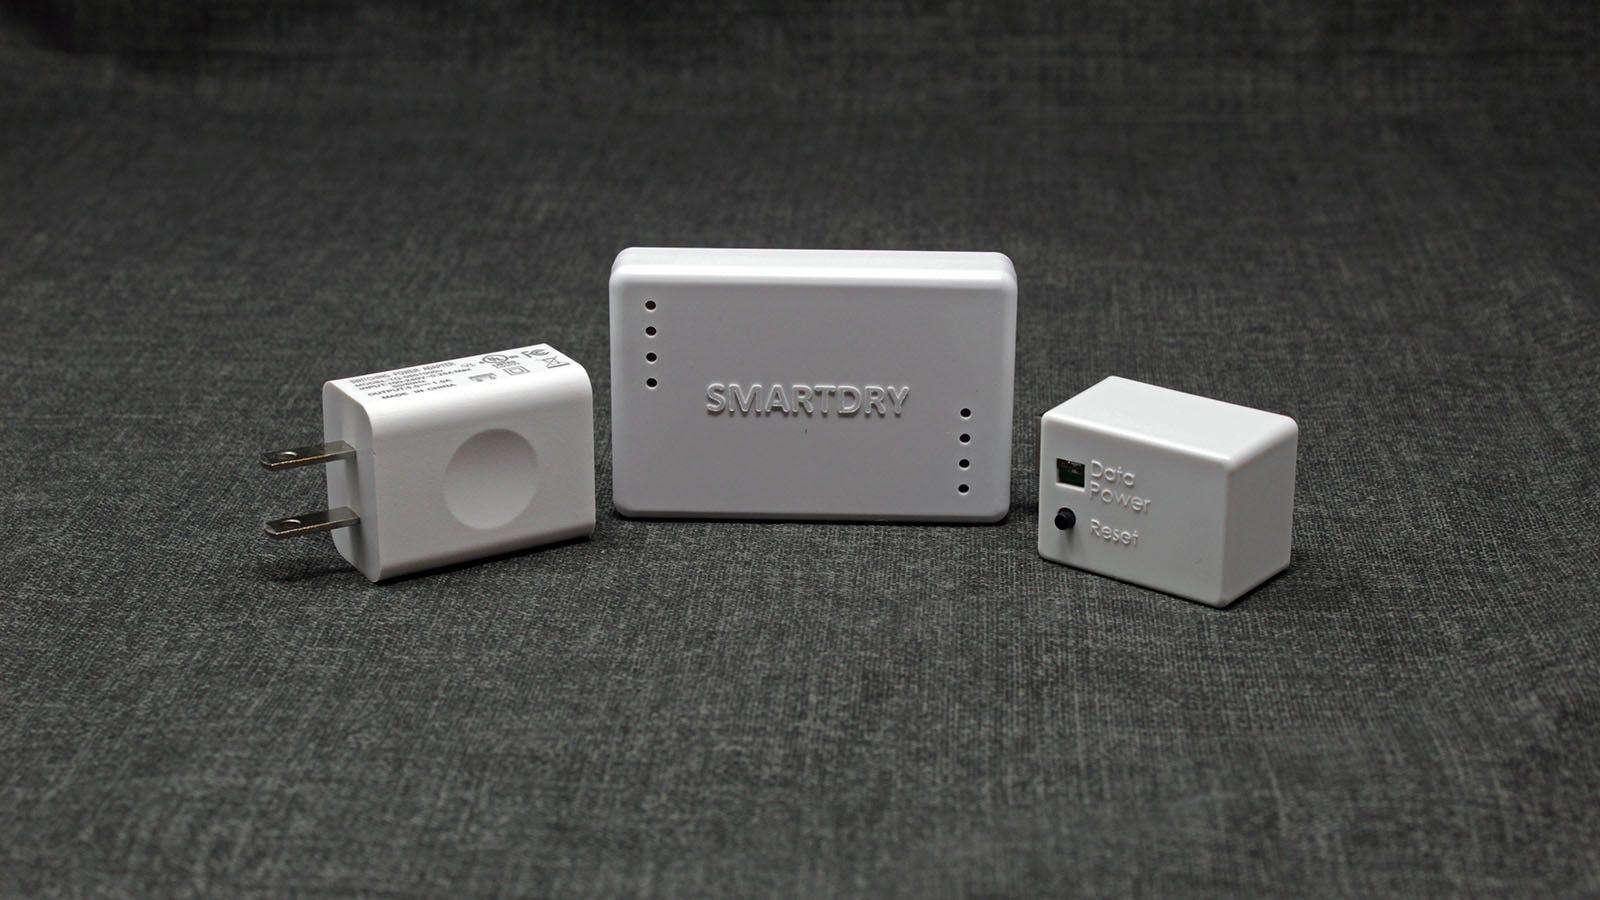 The SmartDry plug, sensor, and bridge.